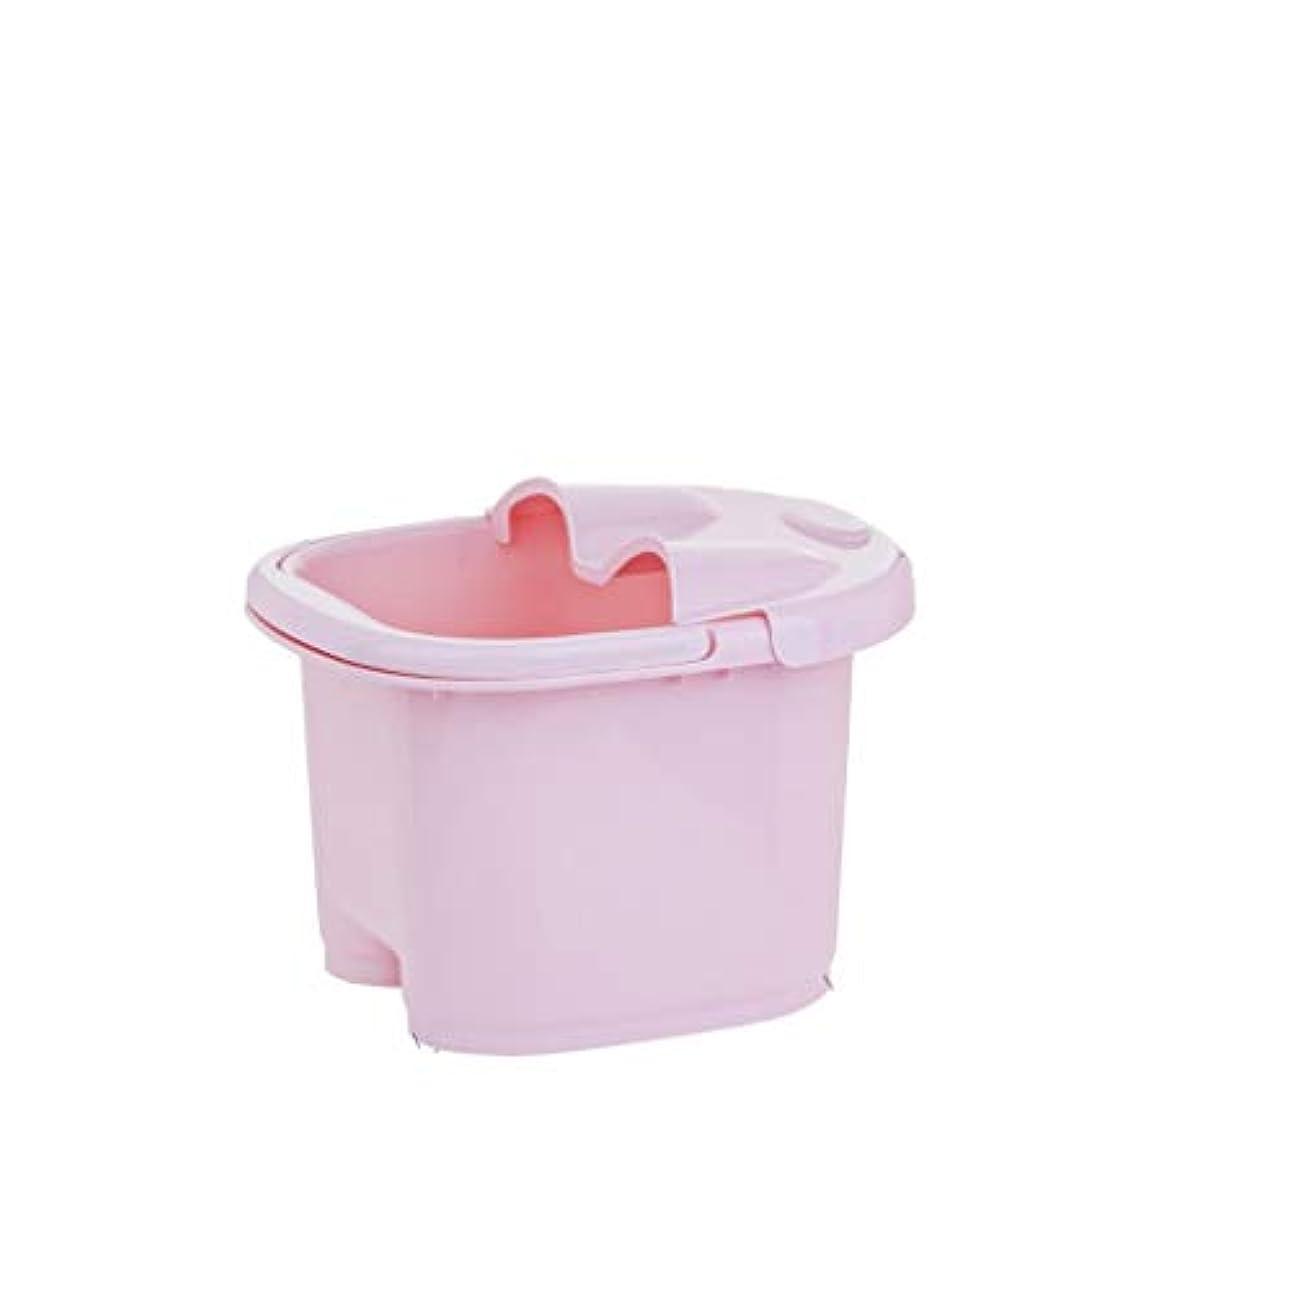 晴れテナント必要フットバスバレル- ?AMTシンプルな和風マッサージ浴槽ポータブル足湯バケツプラスチック付きふた保温足浴槽 Relax foot (色 : Pink, サイズ さいず : 23.5cm high)